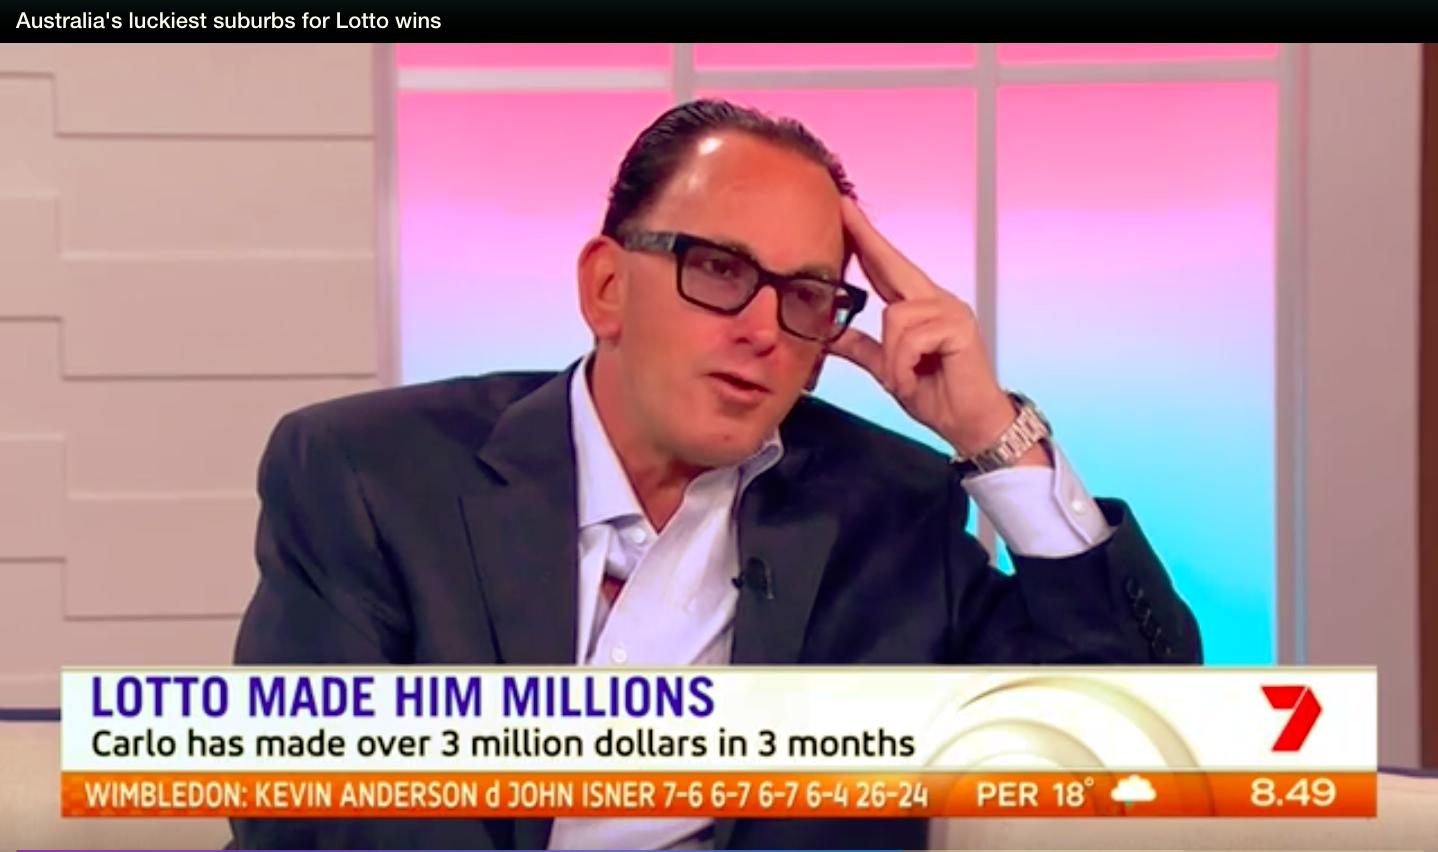 Người đàn ông may mắn trúng Giải nhất sổ xố lần 2 trị giá 4.1 triệu đô2 - Người đàn ông may mắn trúng sổ xố lần 2 trị giá $4.1 triệu đô Úc